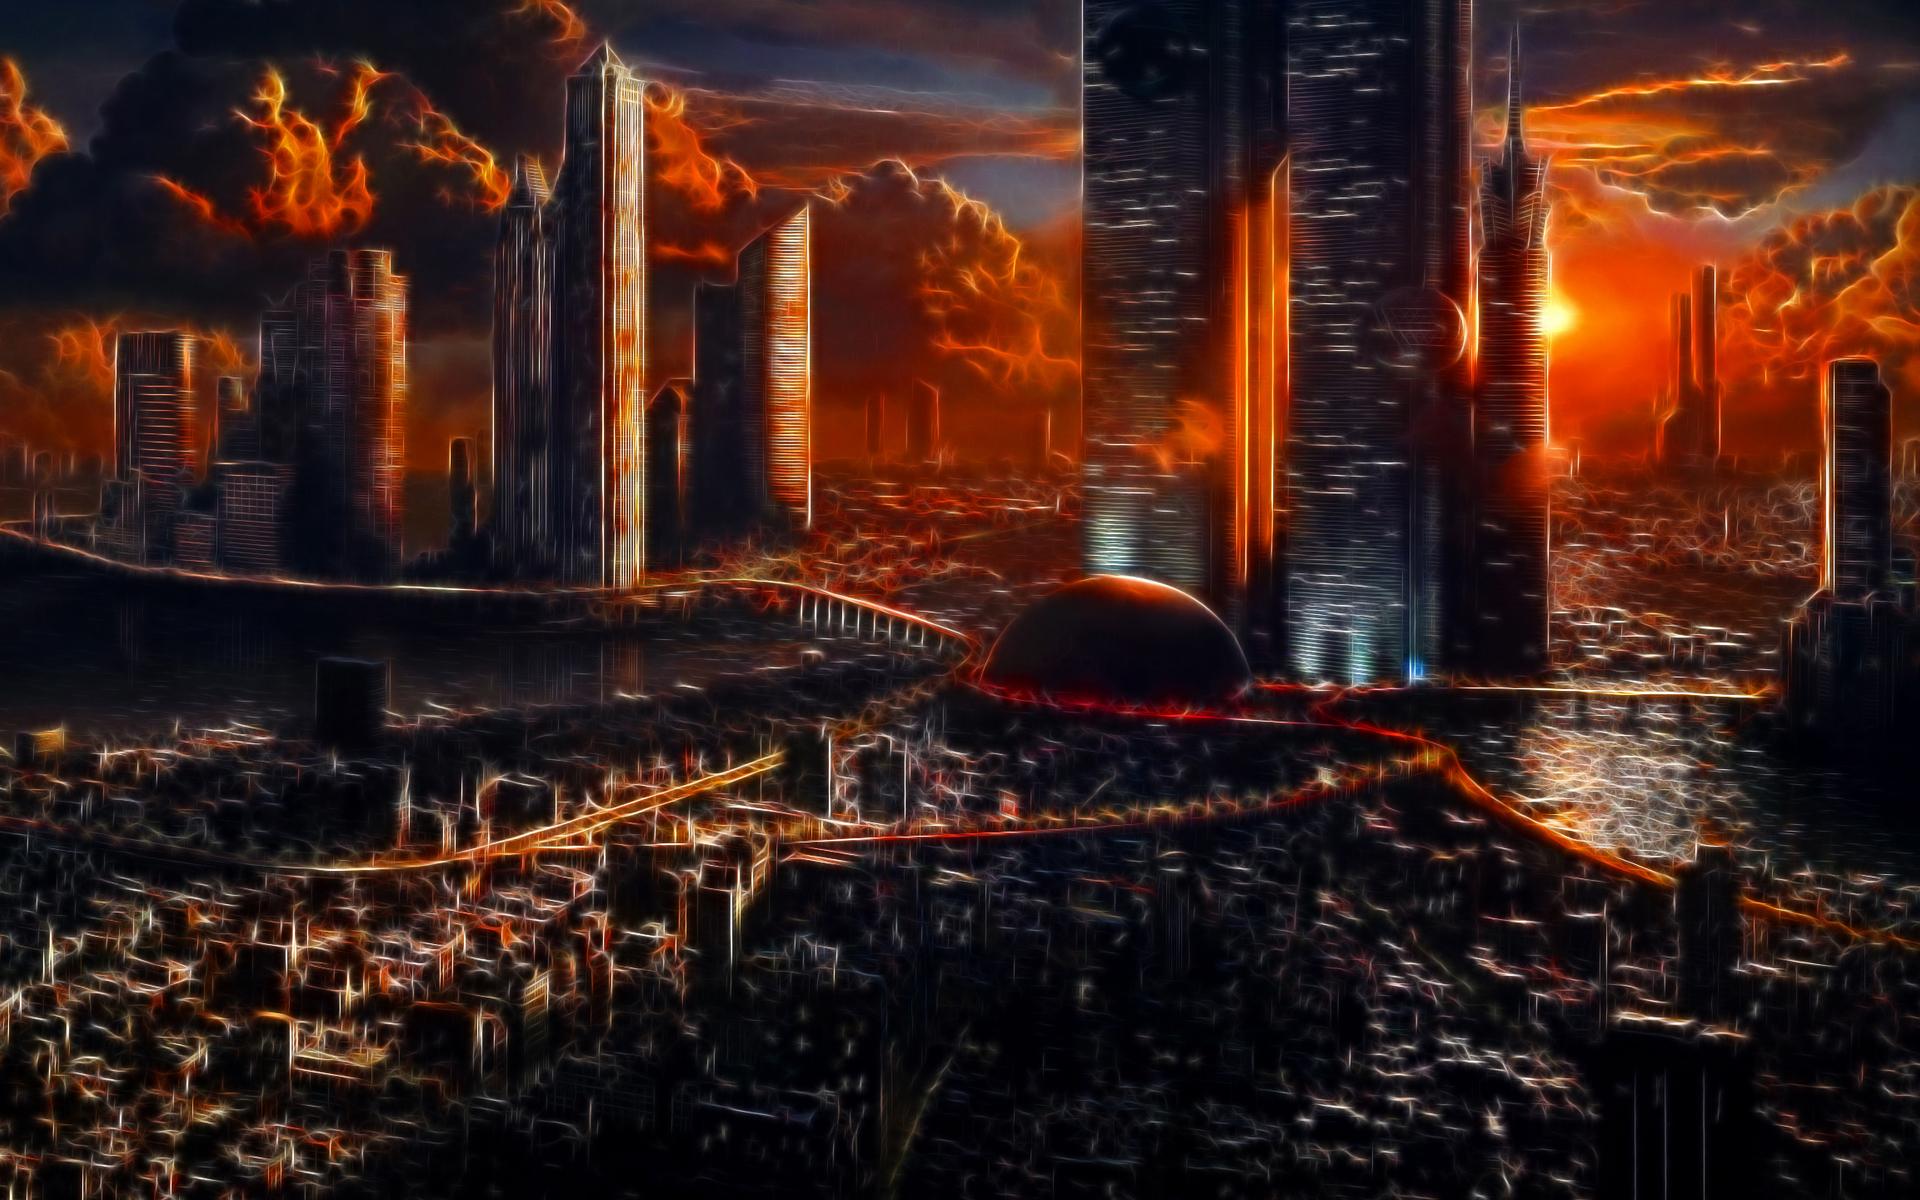 Apocalypse City Fire Apocalyptic City Full ...